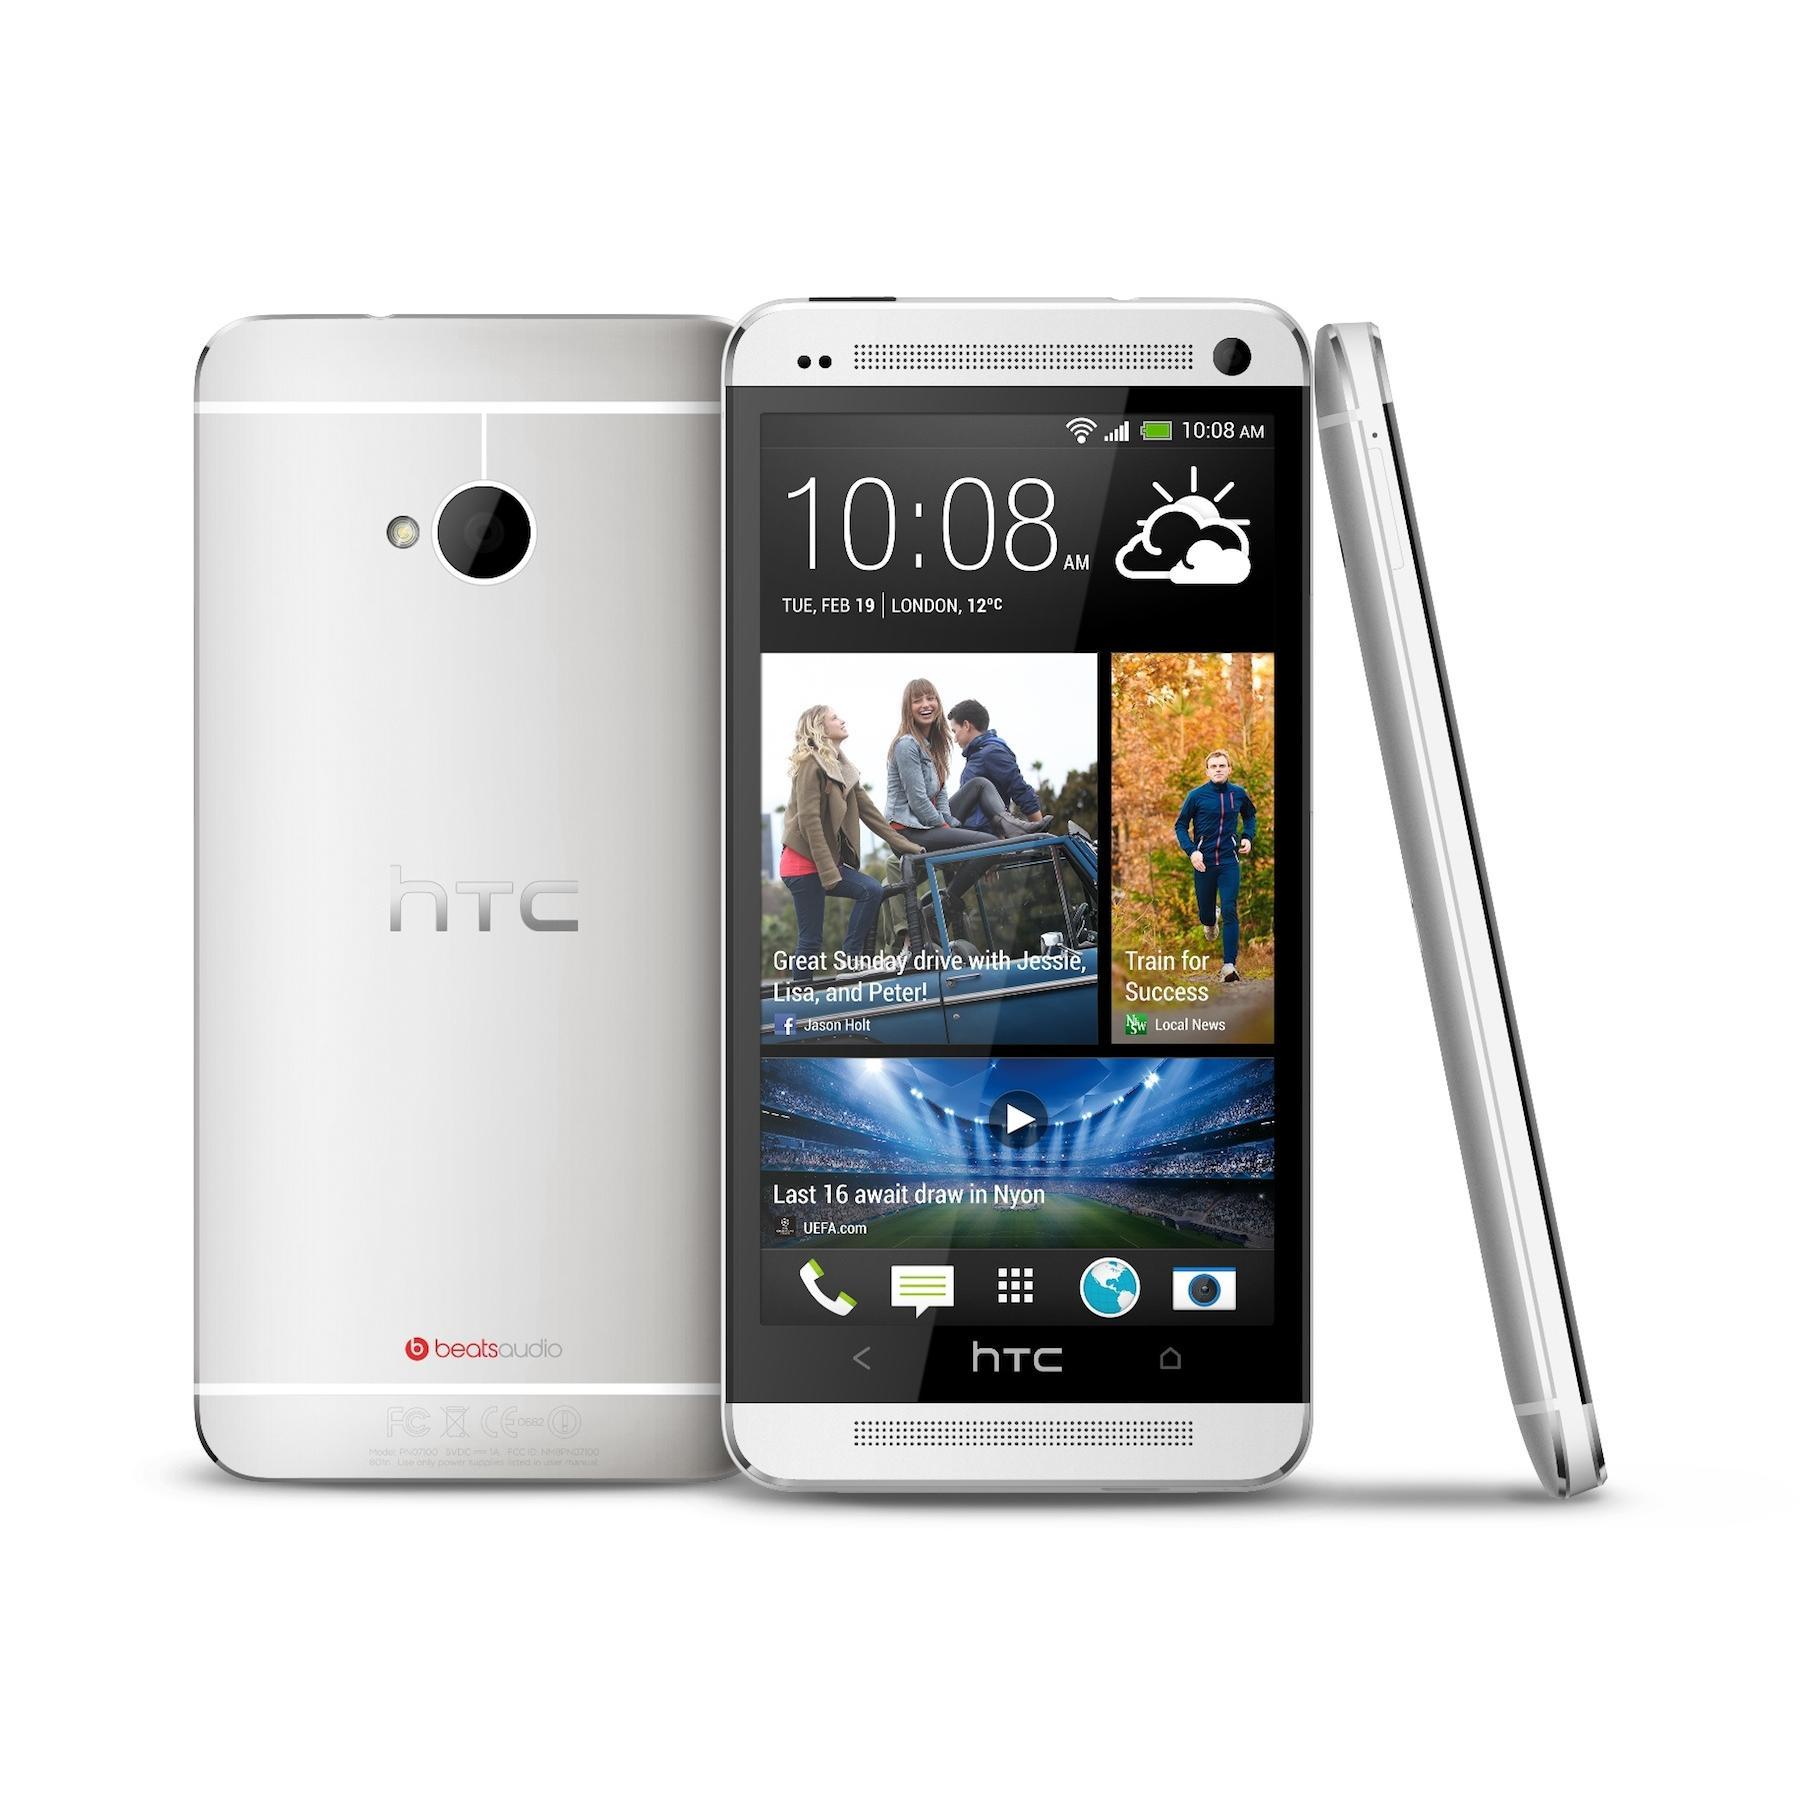 HTC One 32 Go - Gris - Débloqué